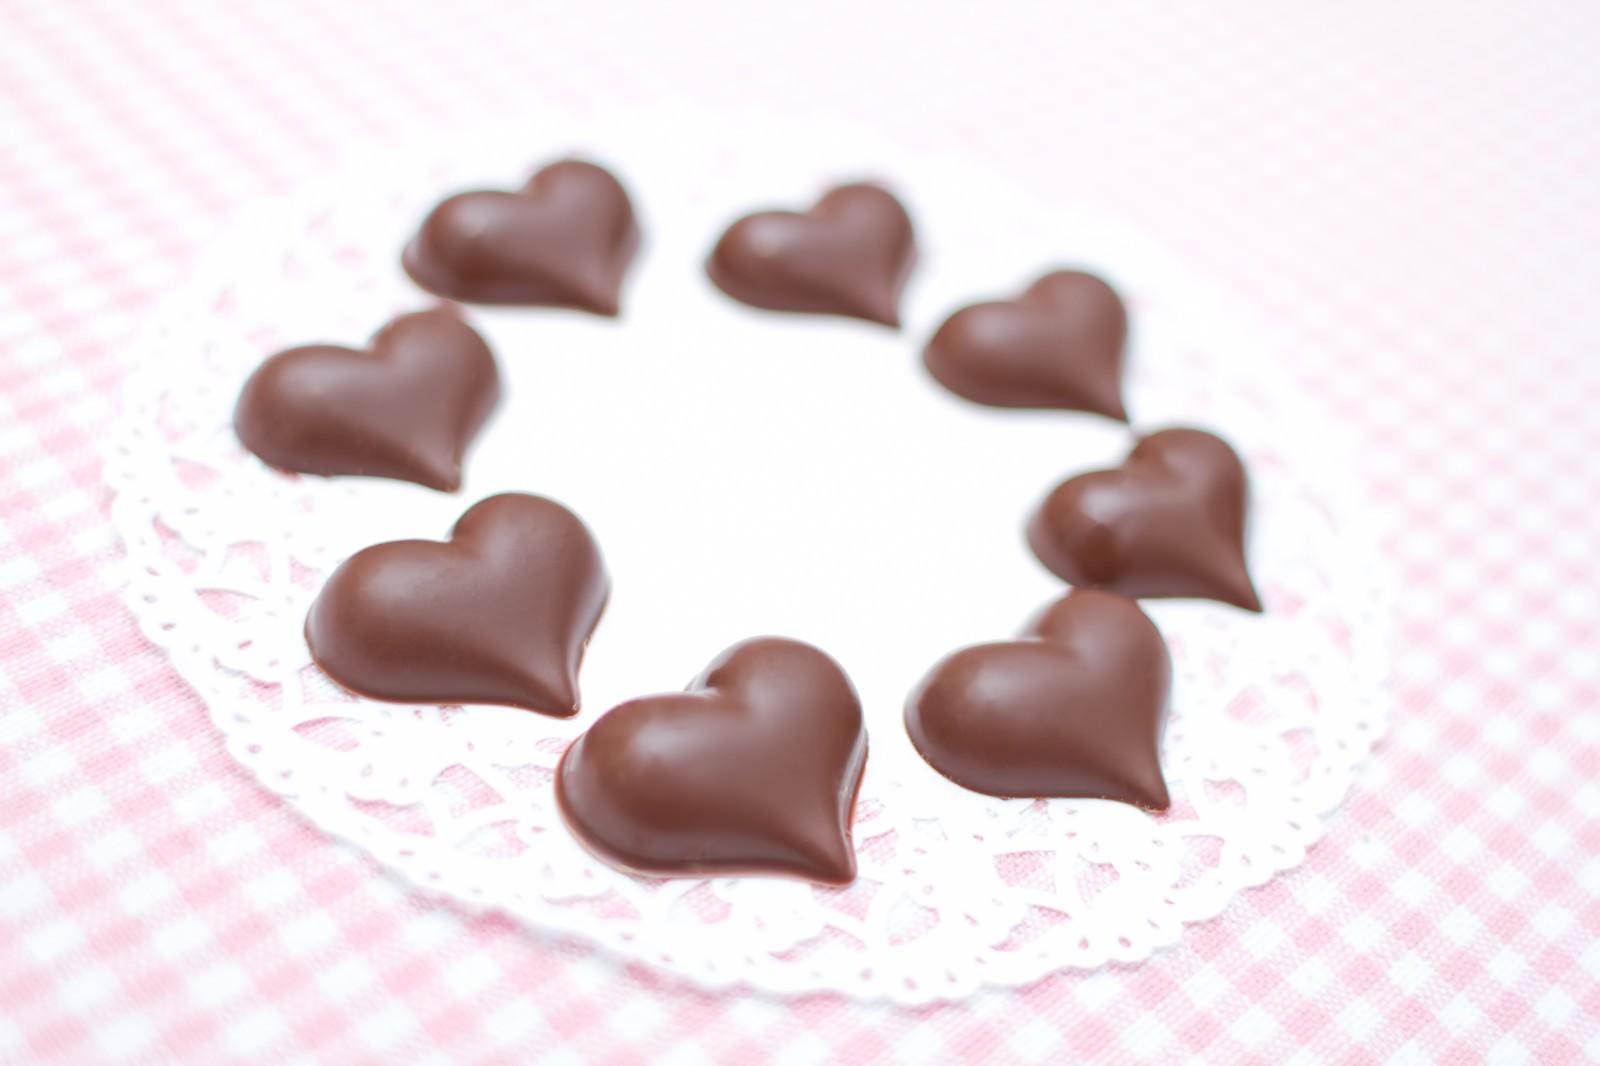 「手作りのハート型のチョコレート」の写真